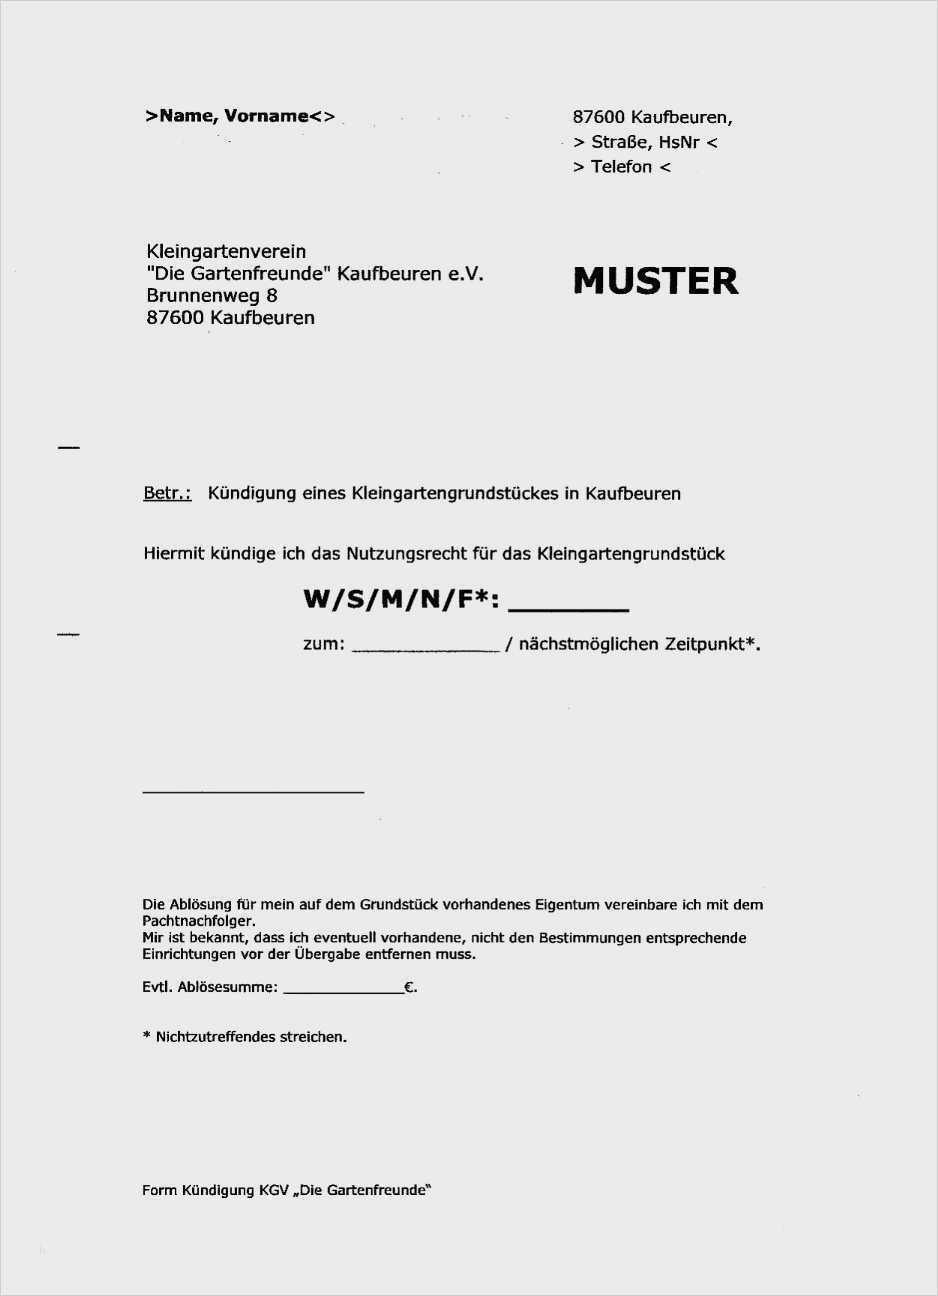 Vorlage Kundigung Wohngebaudeversicherung 27 Einzigartig Praktisch Solche Konnen Adaptieren F Vorlagen Vorlage Deckblatt Bewerbung Vertrag Kundigen